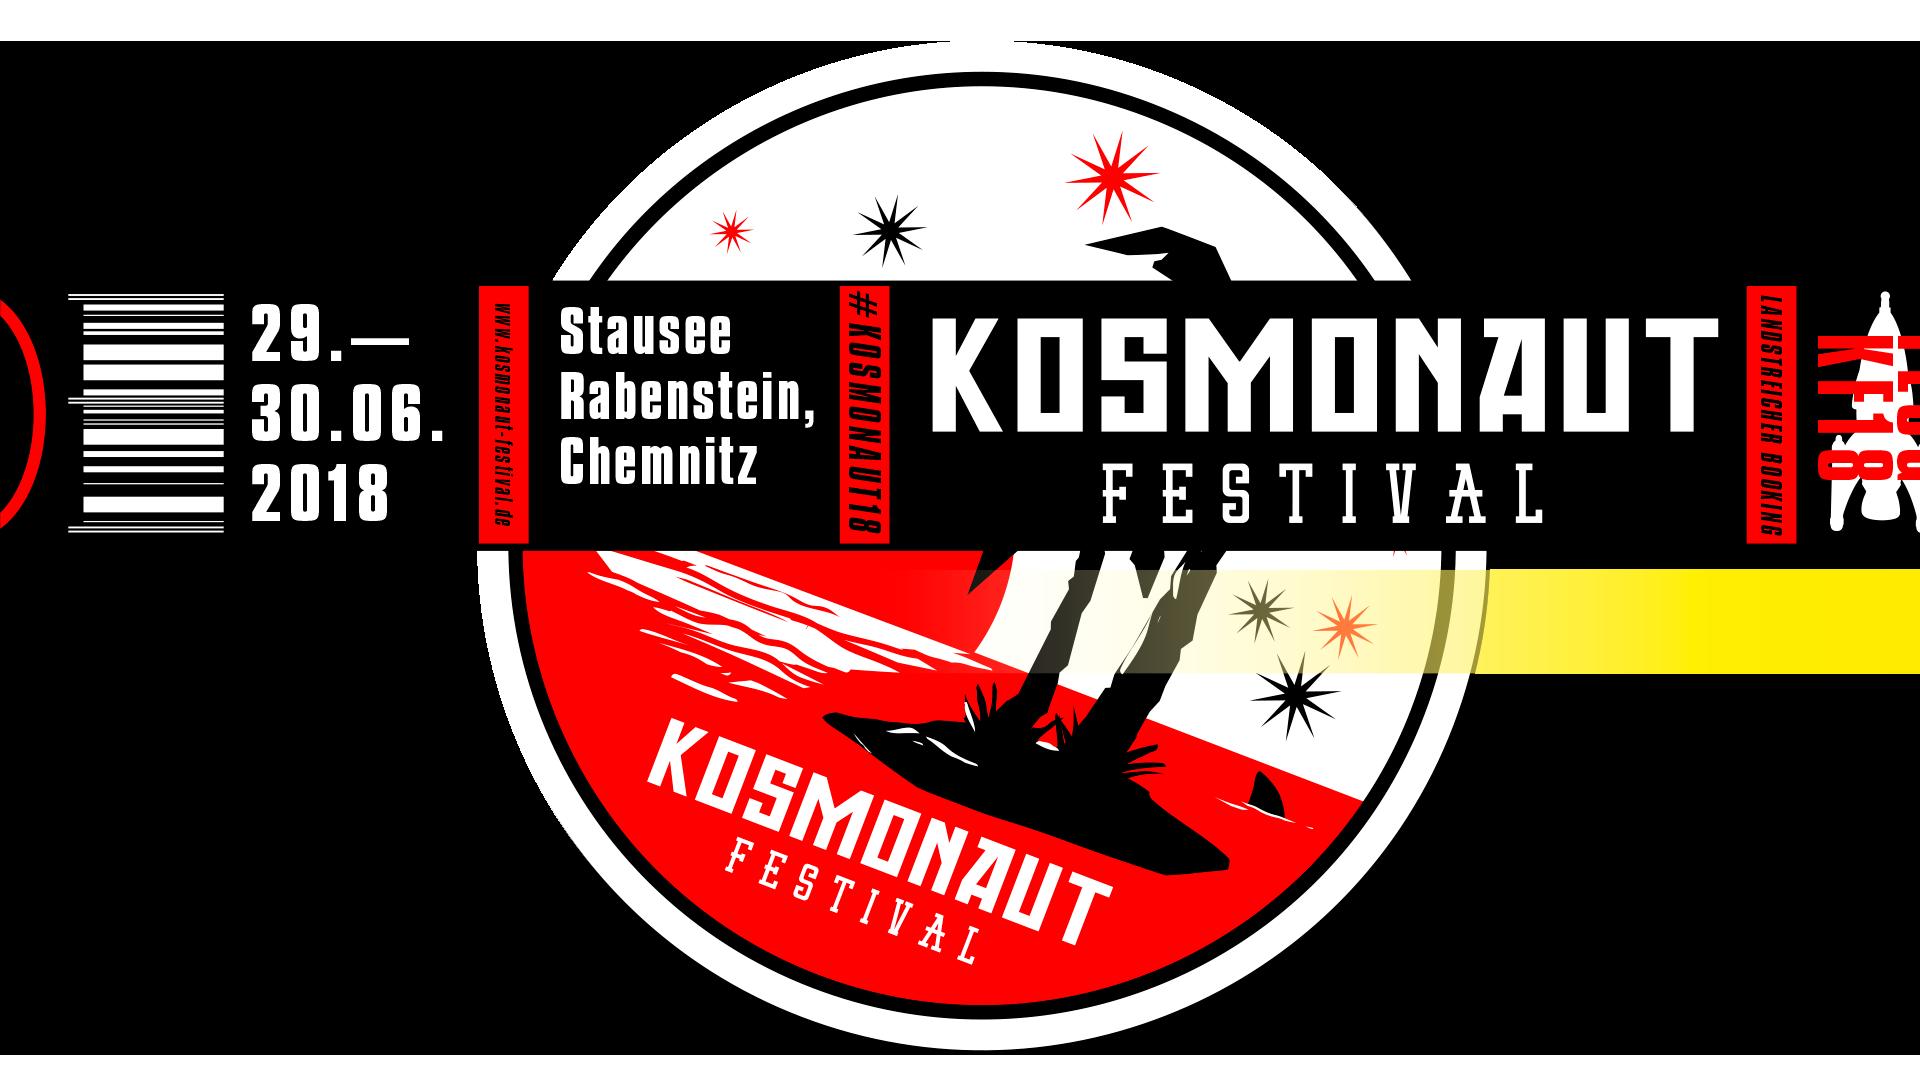 Kosmonaut Festival | 29.06. & 30.06.2018 Stausee Rabenstein, Chemnitz